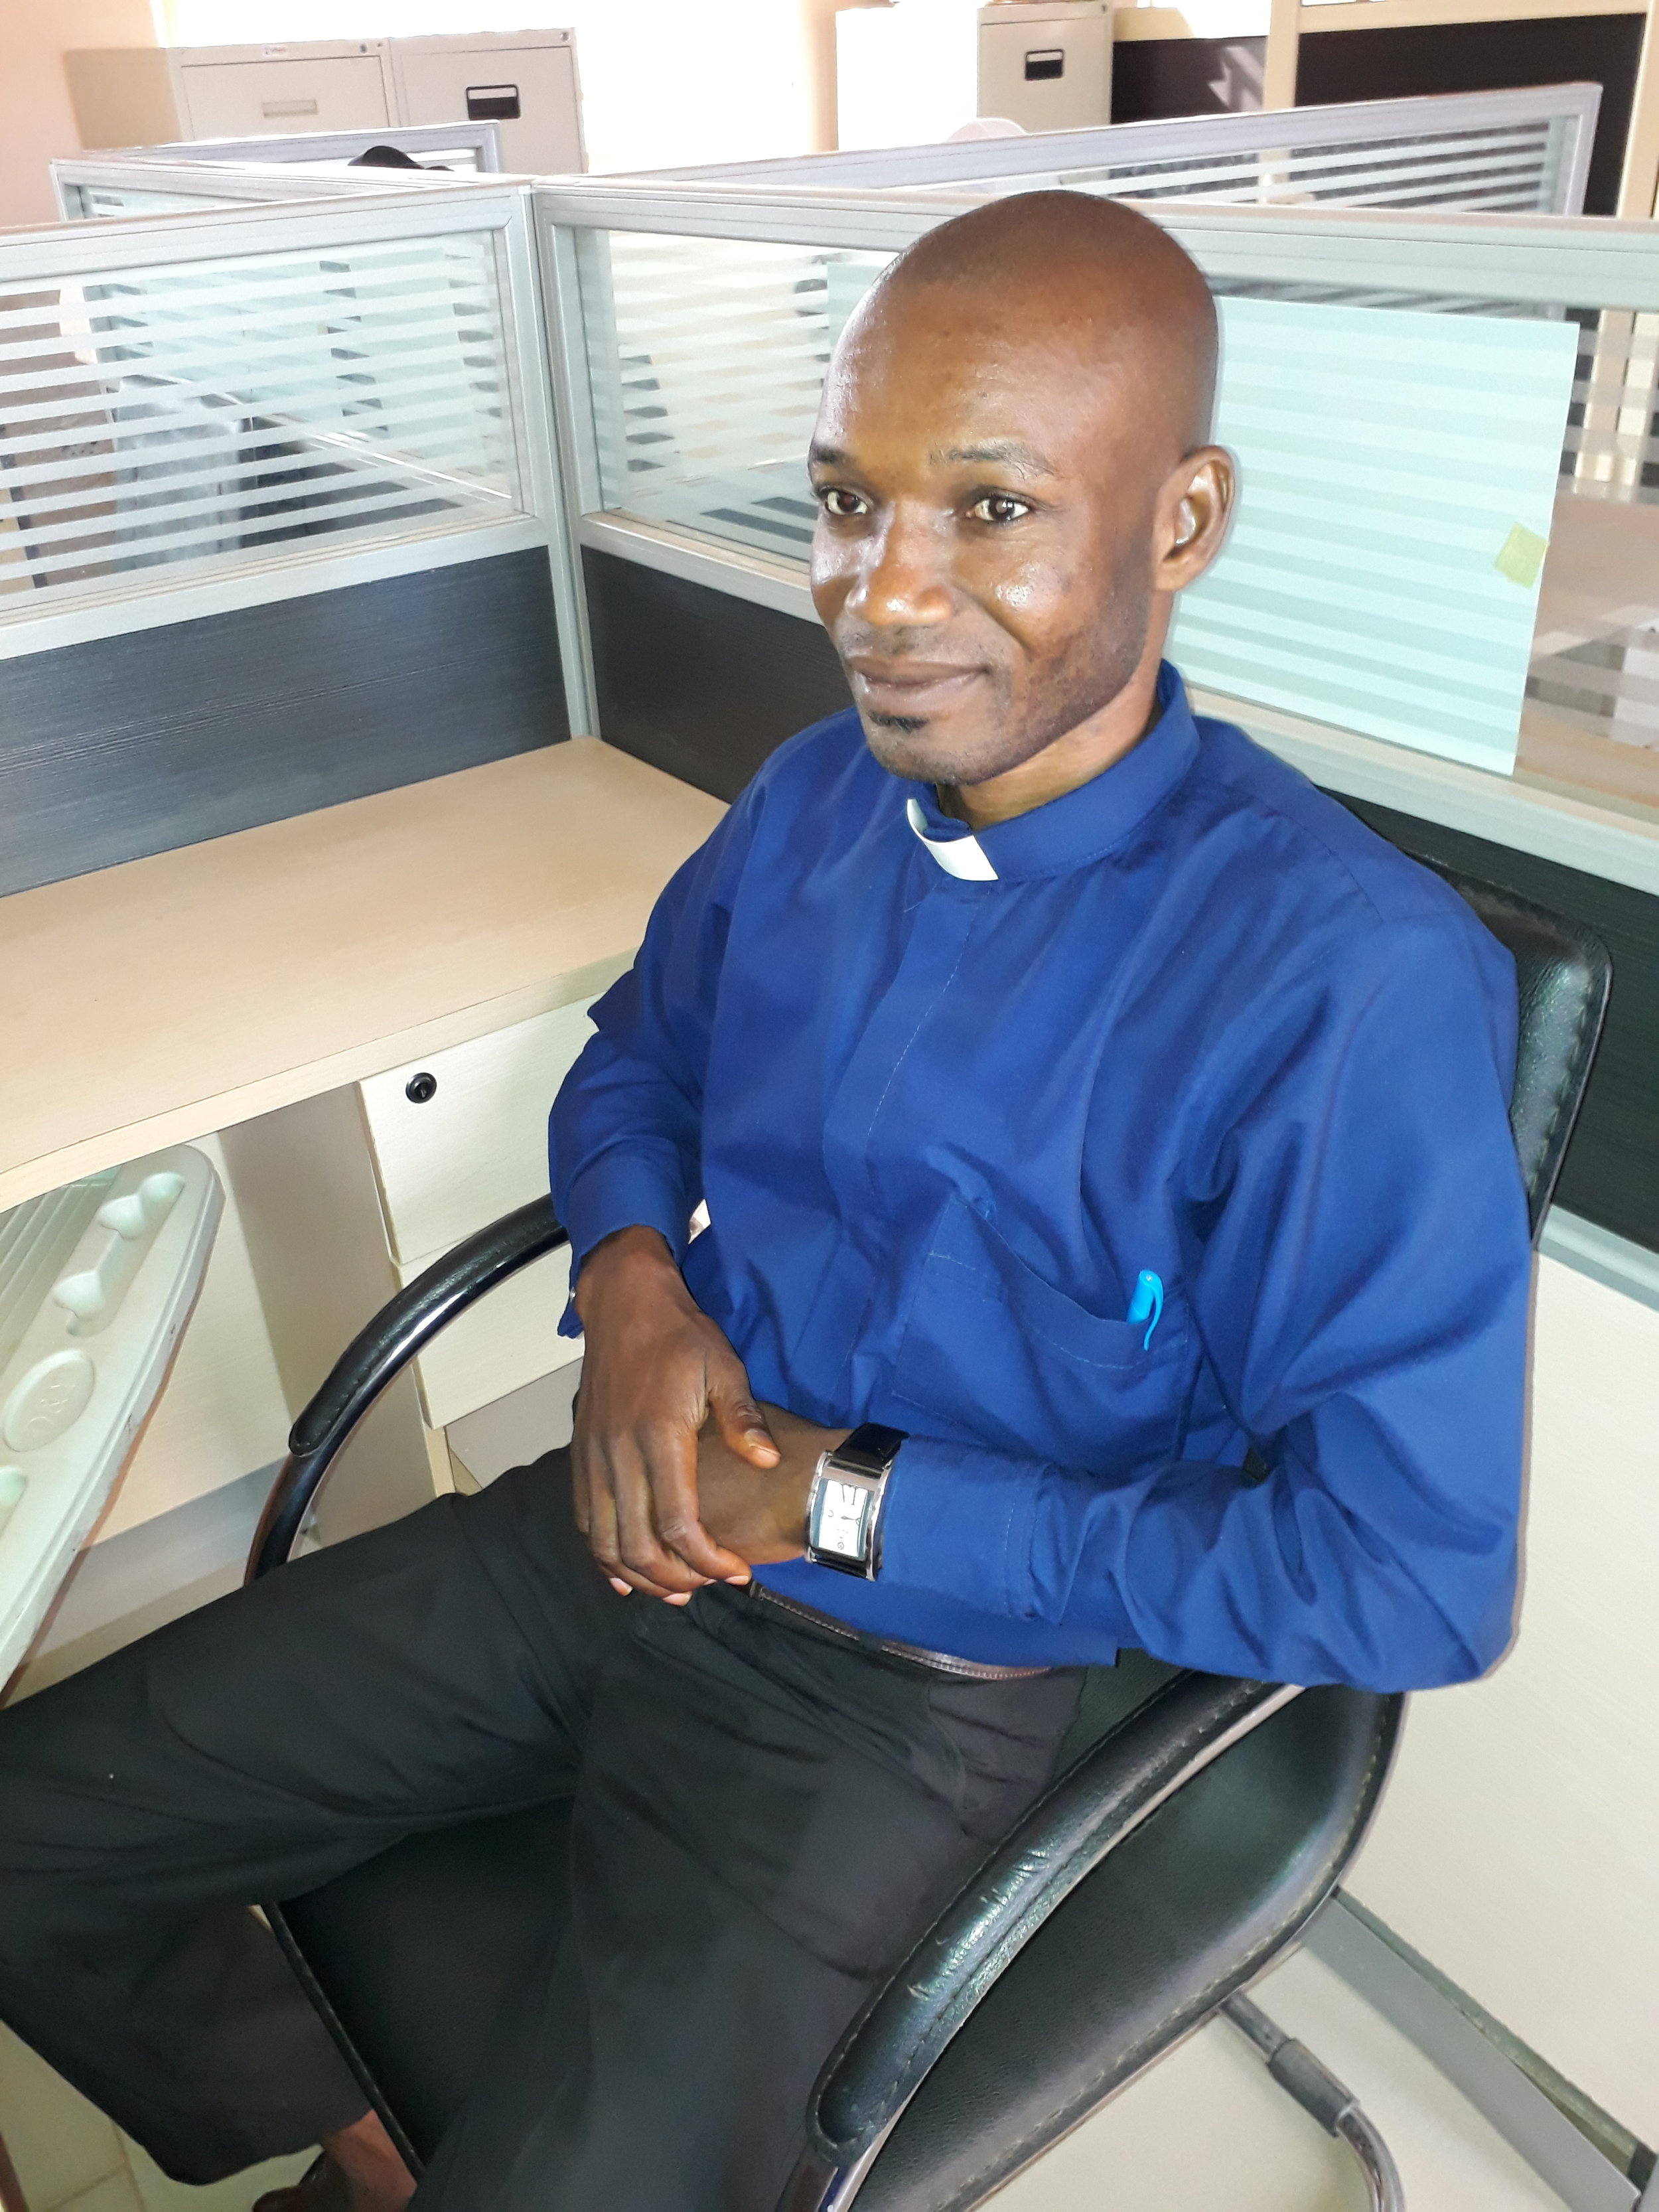 Rev. Michael Ijah Ikpa, Volunteer Staff, IMC. Mobile number:0806-968-4379. Email: revikpamichael@yahoo.com